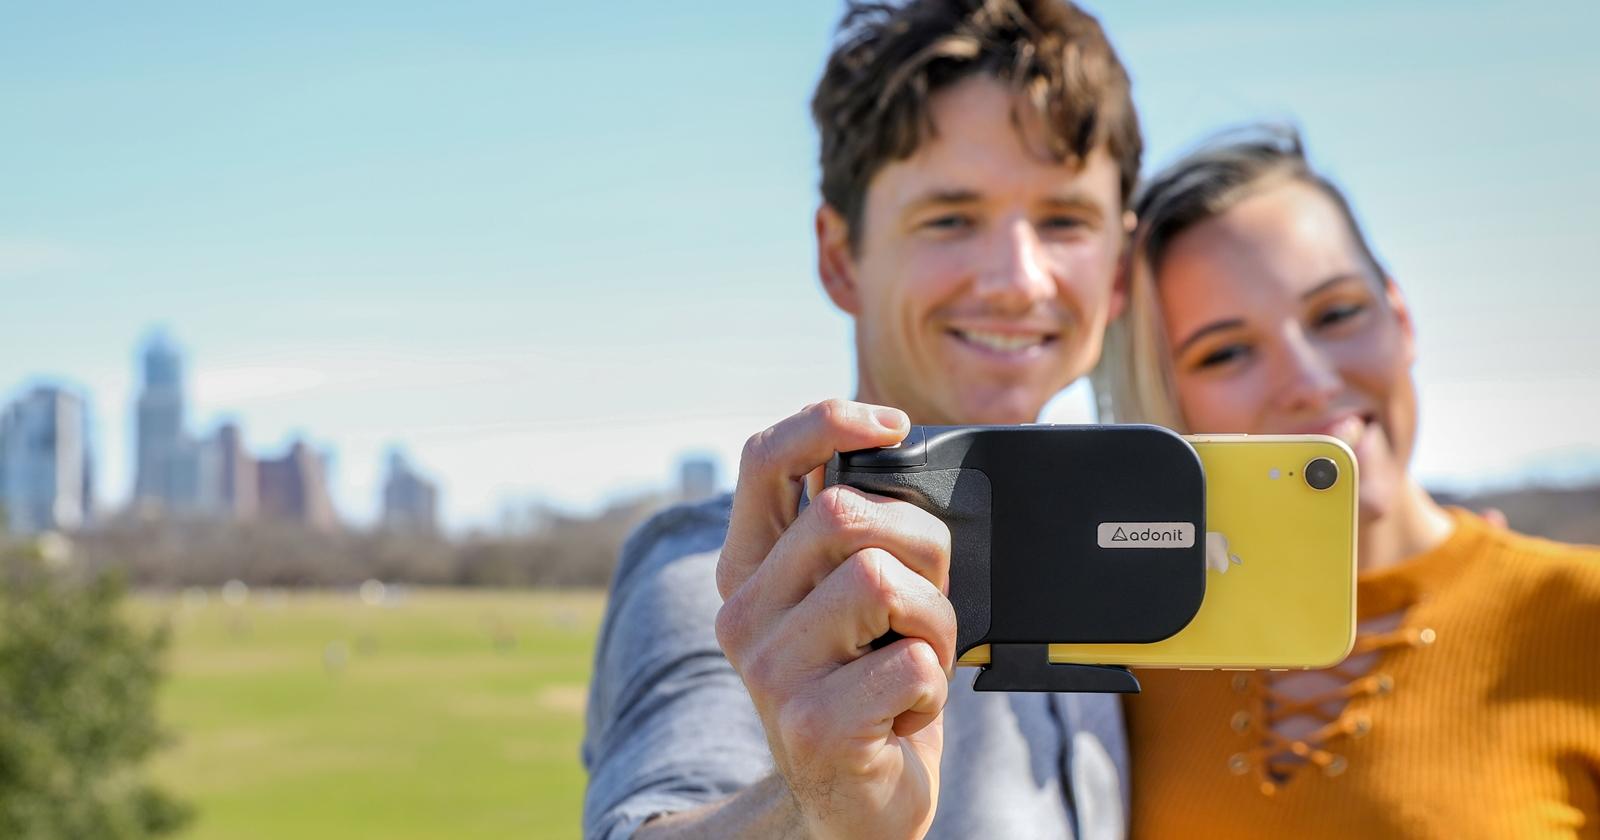 充電拍照二合一,Adonit 推出無線充電藍牙拍照握把